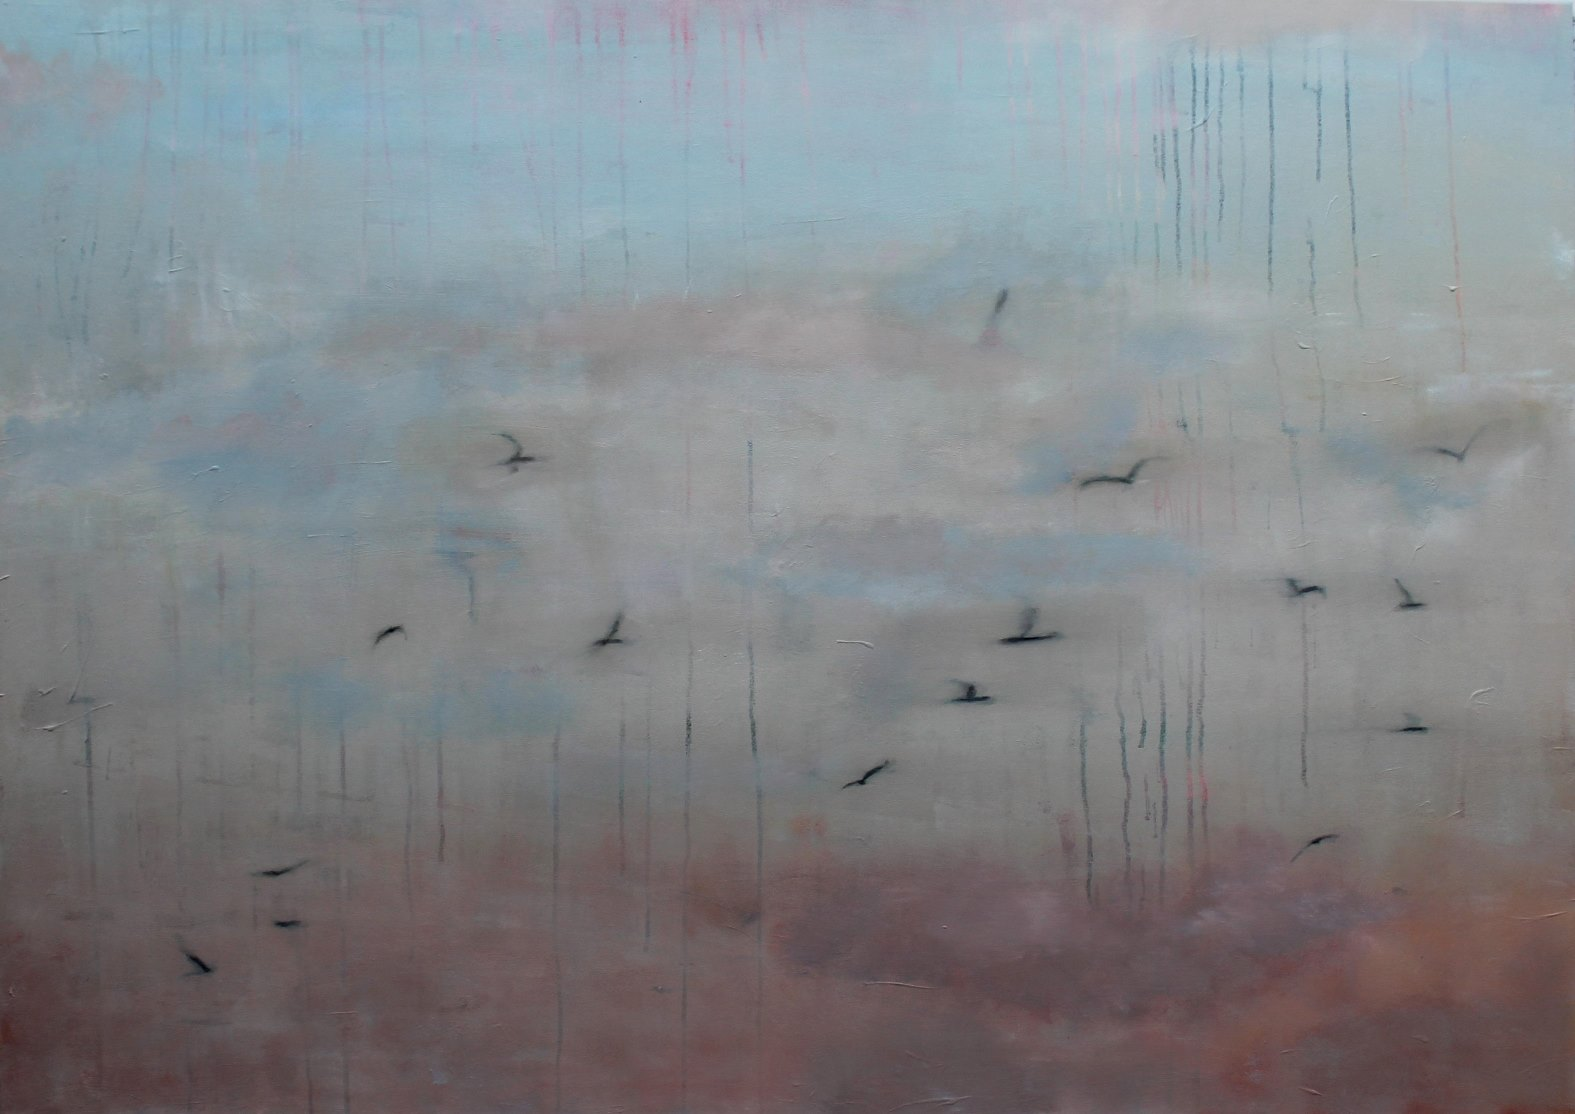 Vögel #1, 2015, Mischtechnik, 100 x 140 cm